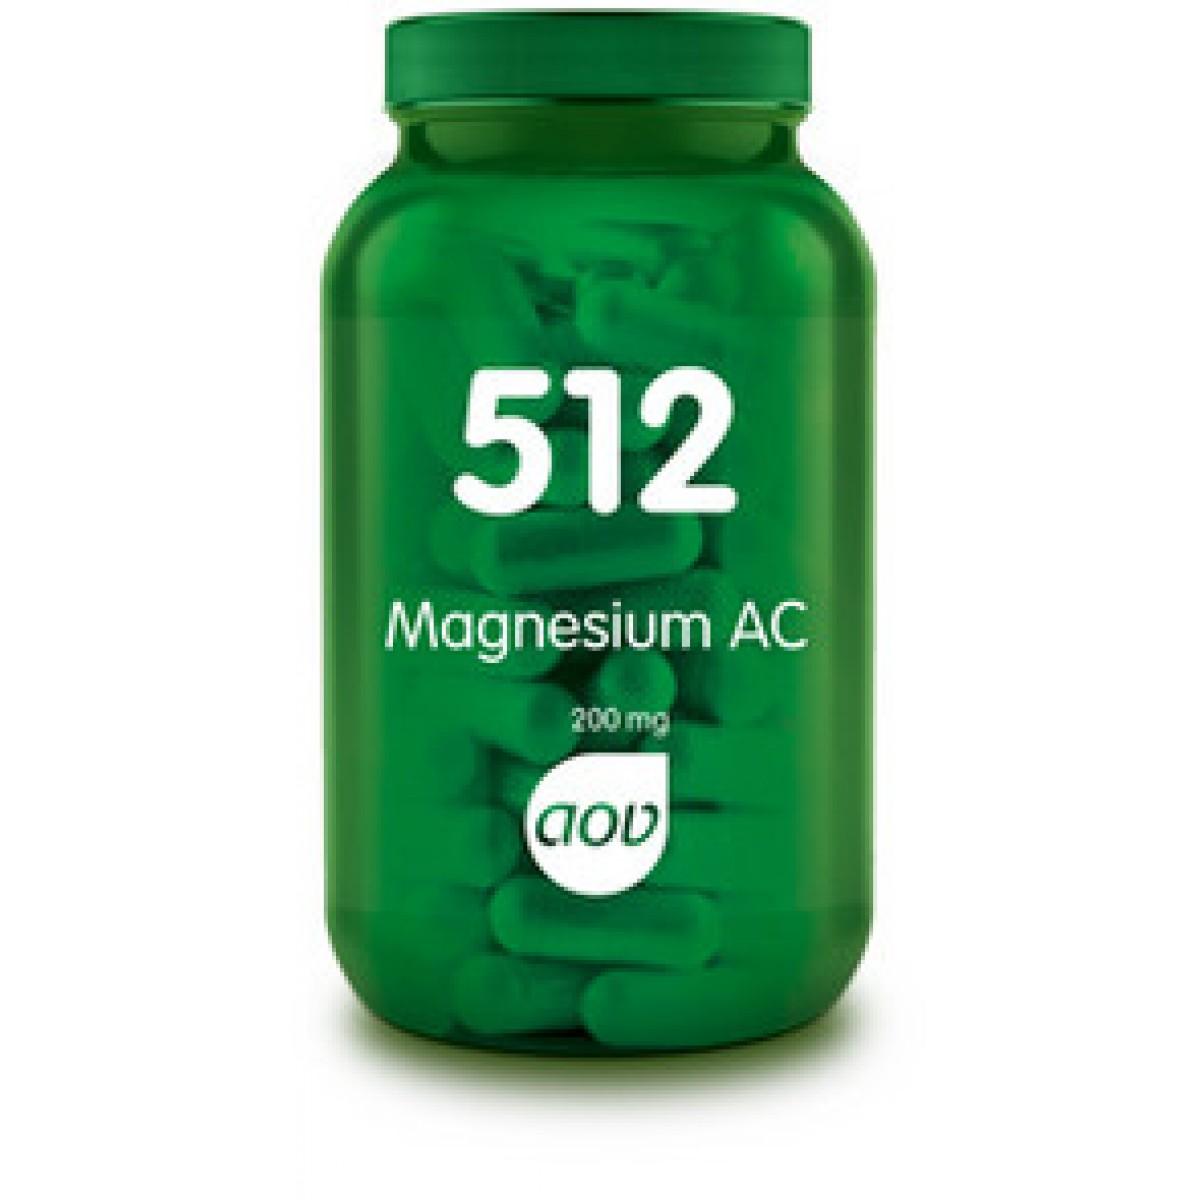 512 Magnesium AC